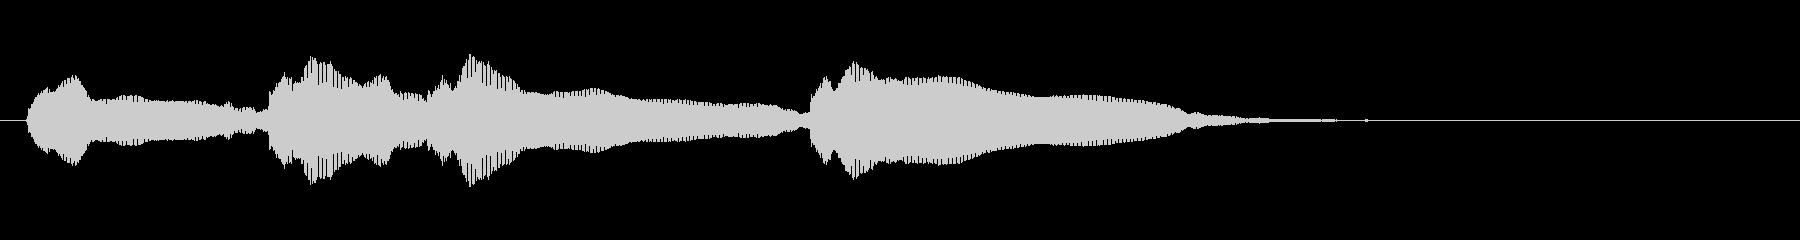 生音エレキギター3弦チューニング3エコーの未再生の波形